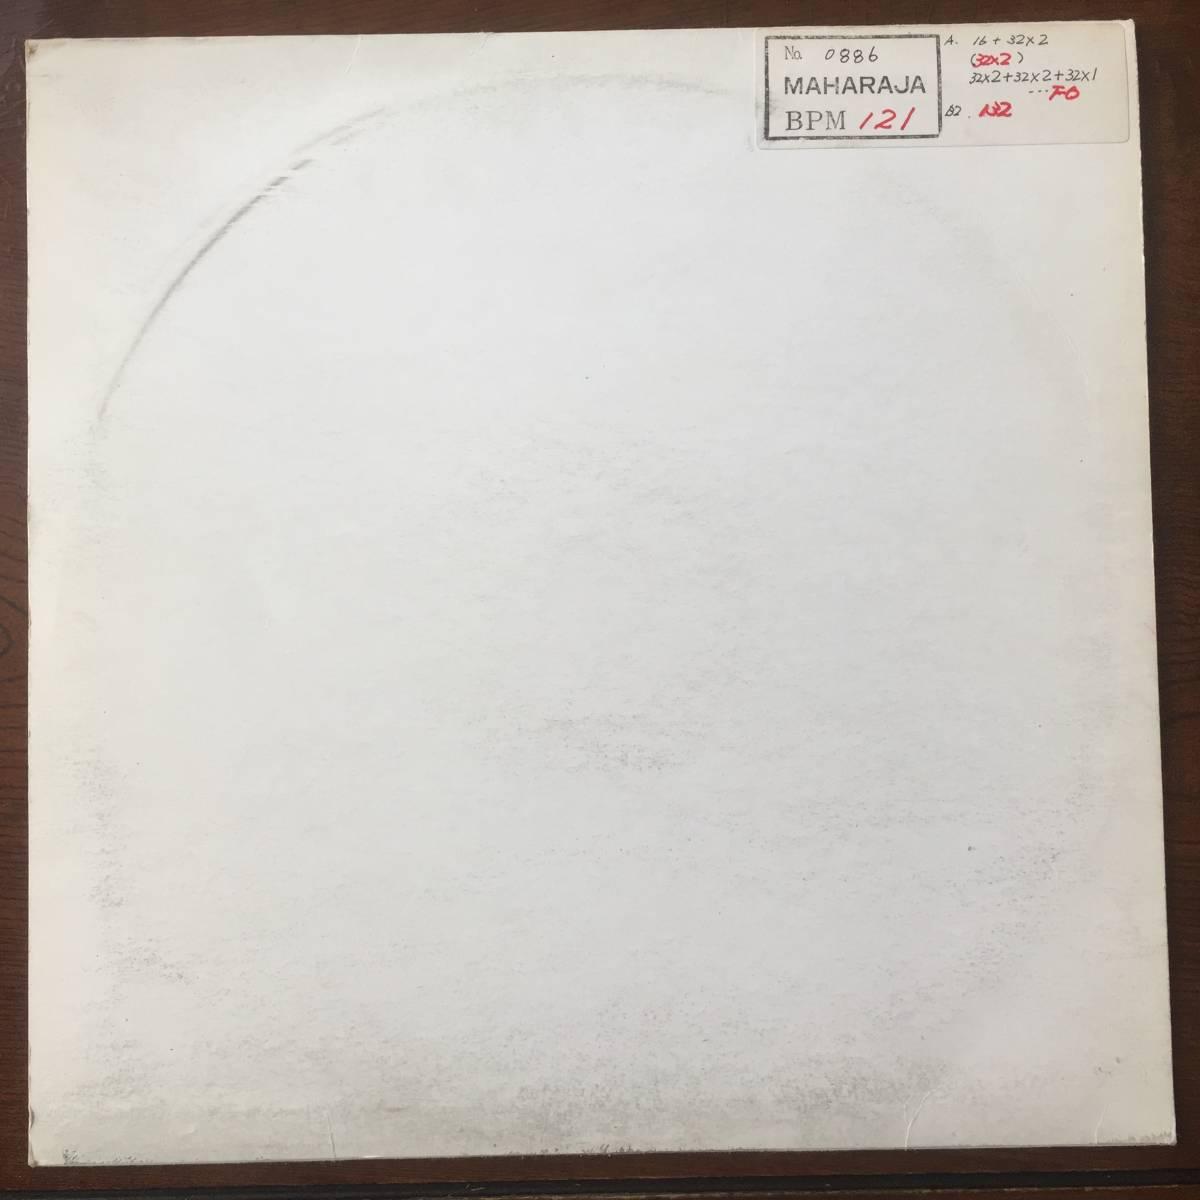 【送料無料】181002〇LP 12 Phil Collins - Sussudio THE MAN WITH THE HORN / フィルコリンズ / Atlantic - 0-86895 / 1985年 ユーロ POP_画像2